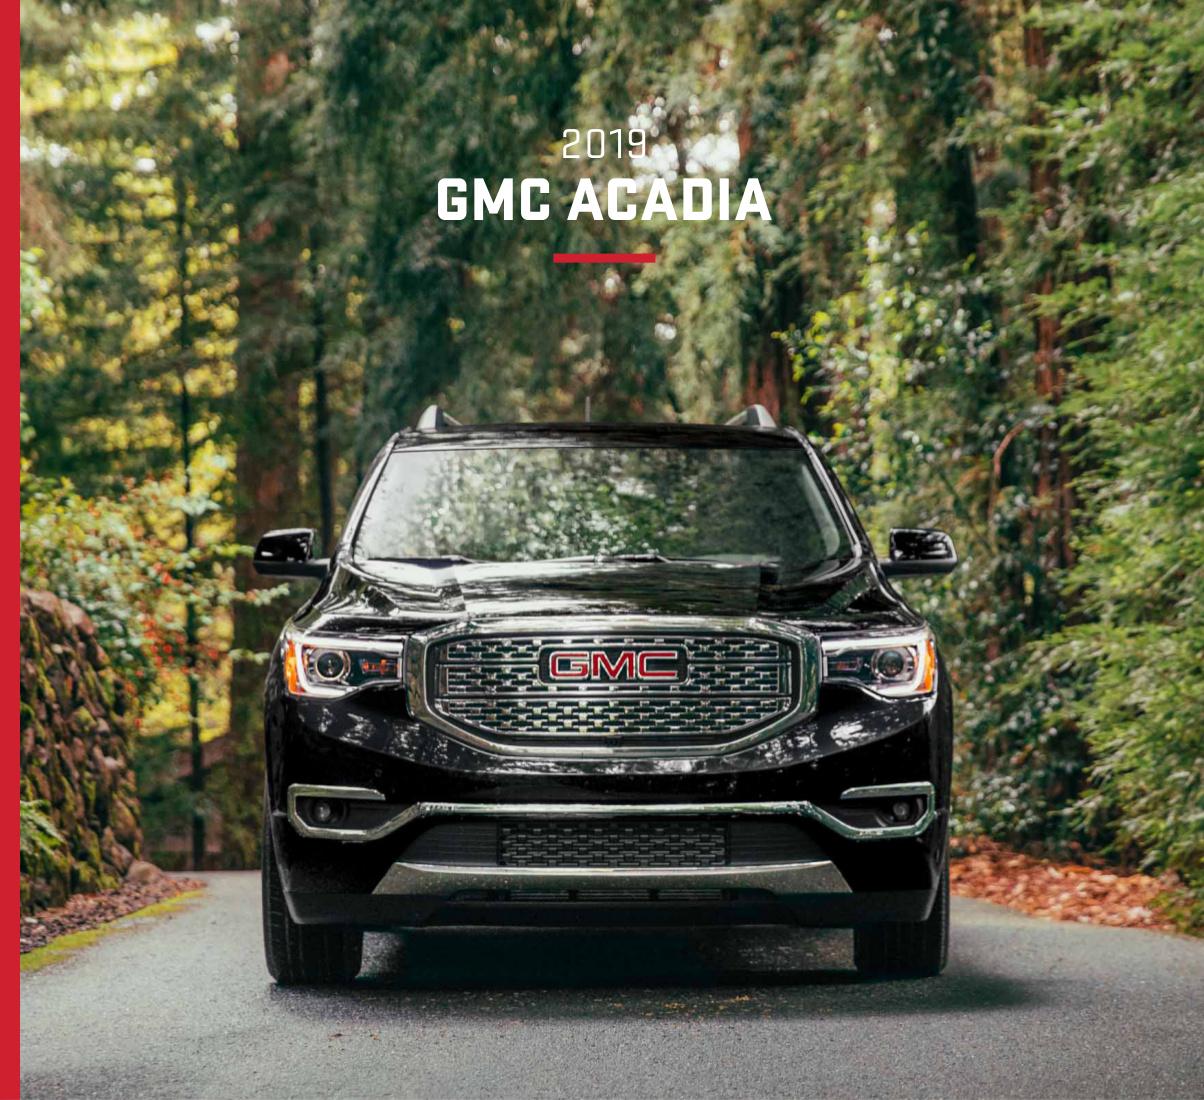 2019 Gmc Acadia: GM 2019 GMC Acadia Sales Brochure